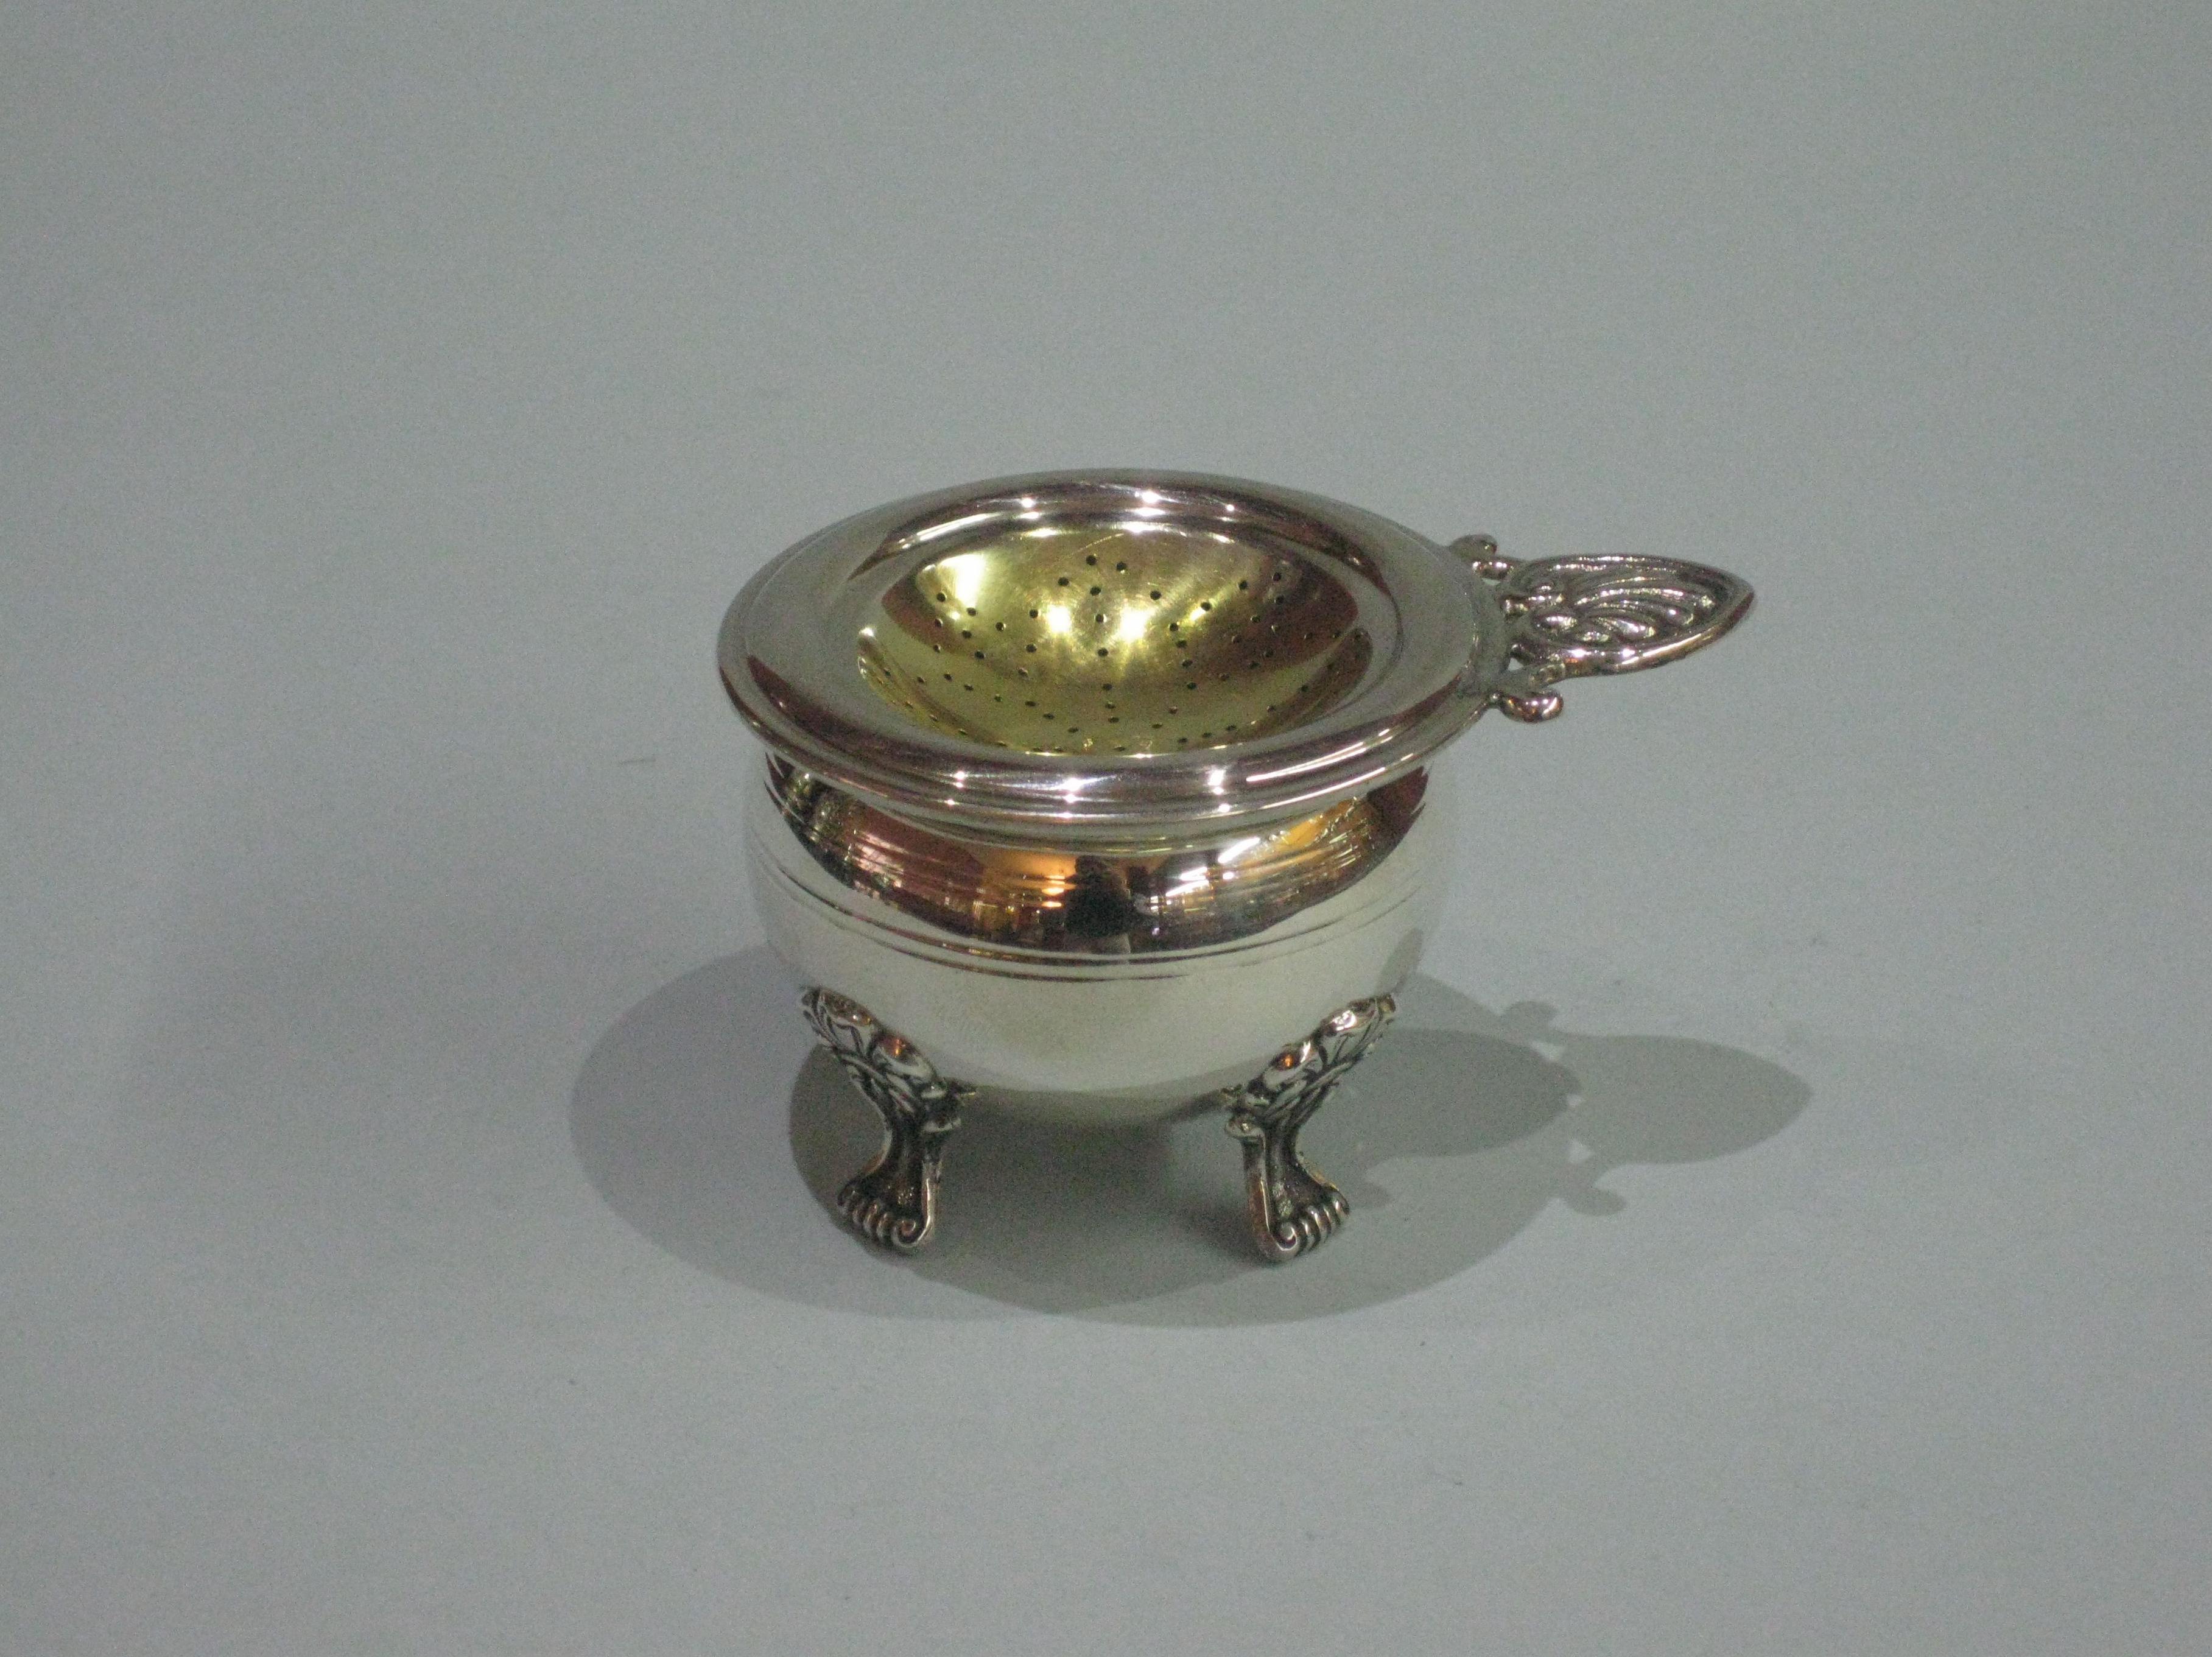 COLADOR LISO CON BASE: Catalogo de plata de Vera Orfebre